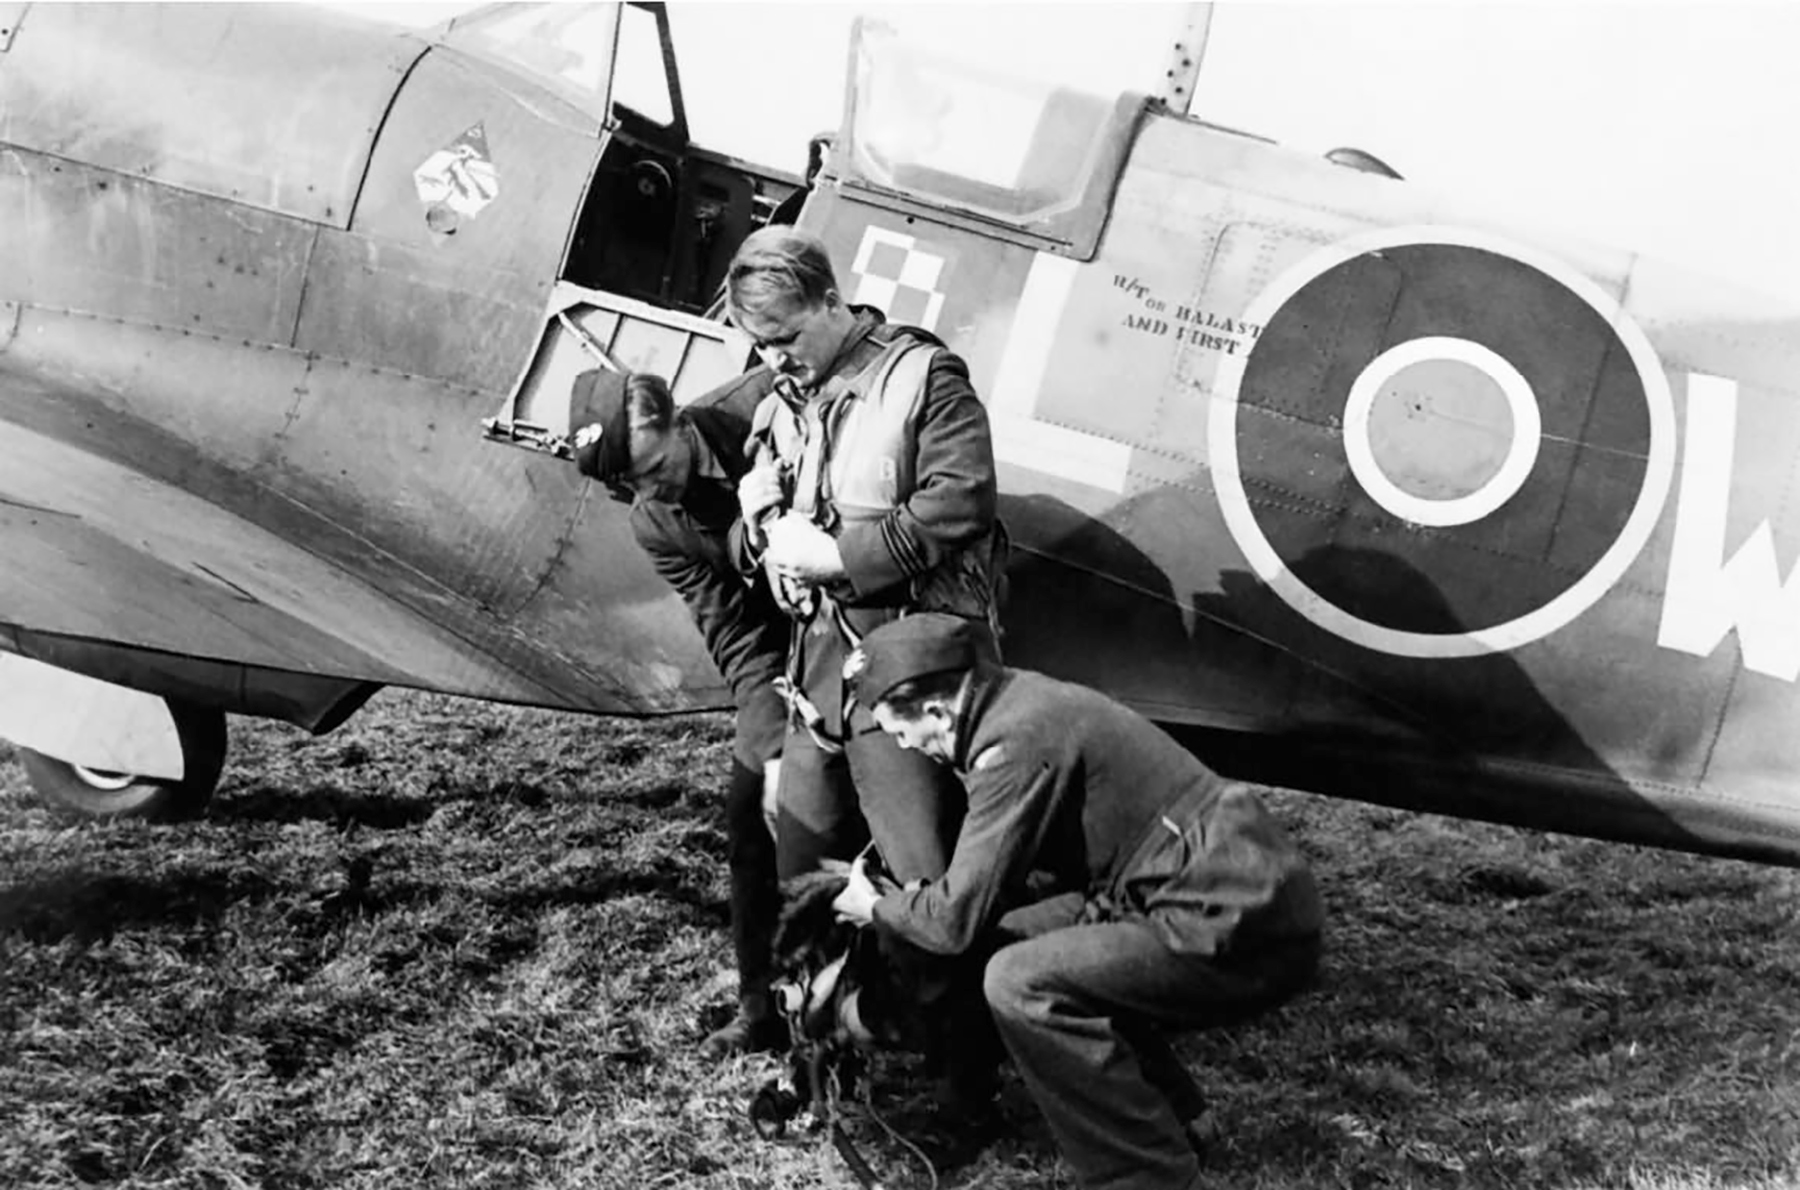 Spitfire MkVb RAF 302Sqn WXL Sqn Ldr Lapka EN865 Hutton Cranswick Mar 1943 web 01